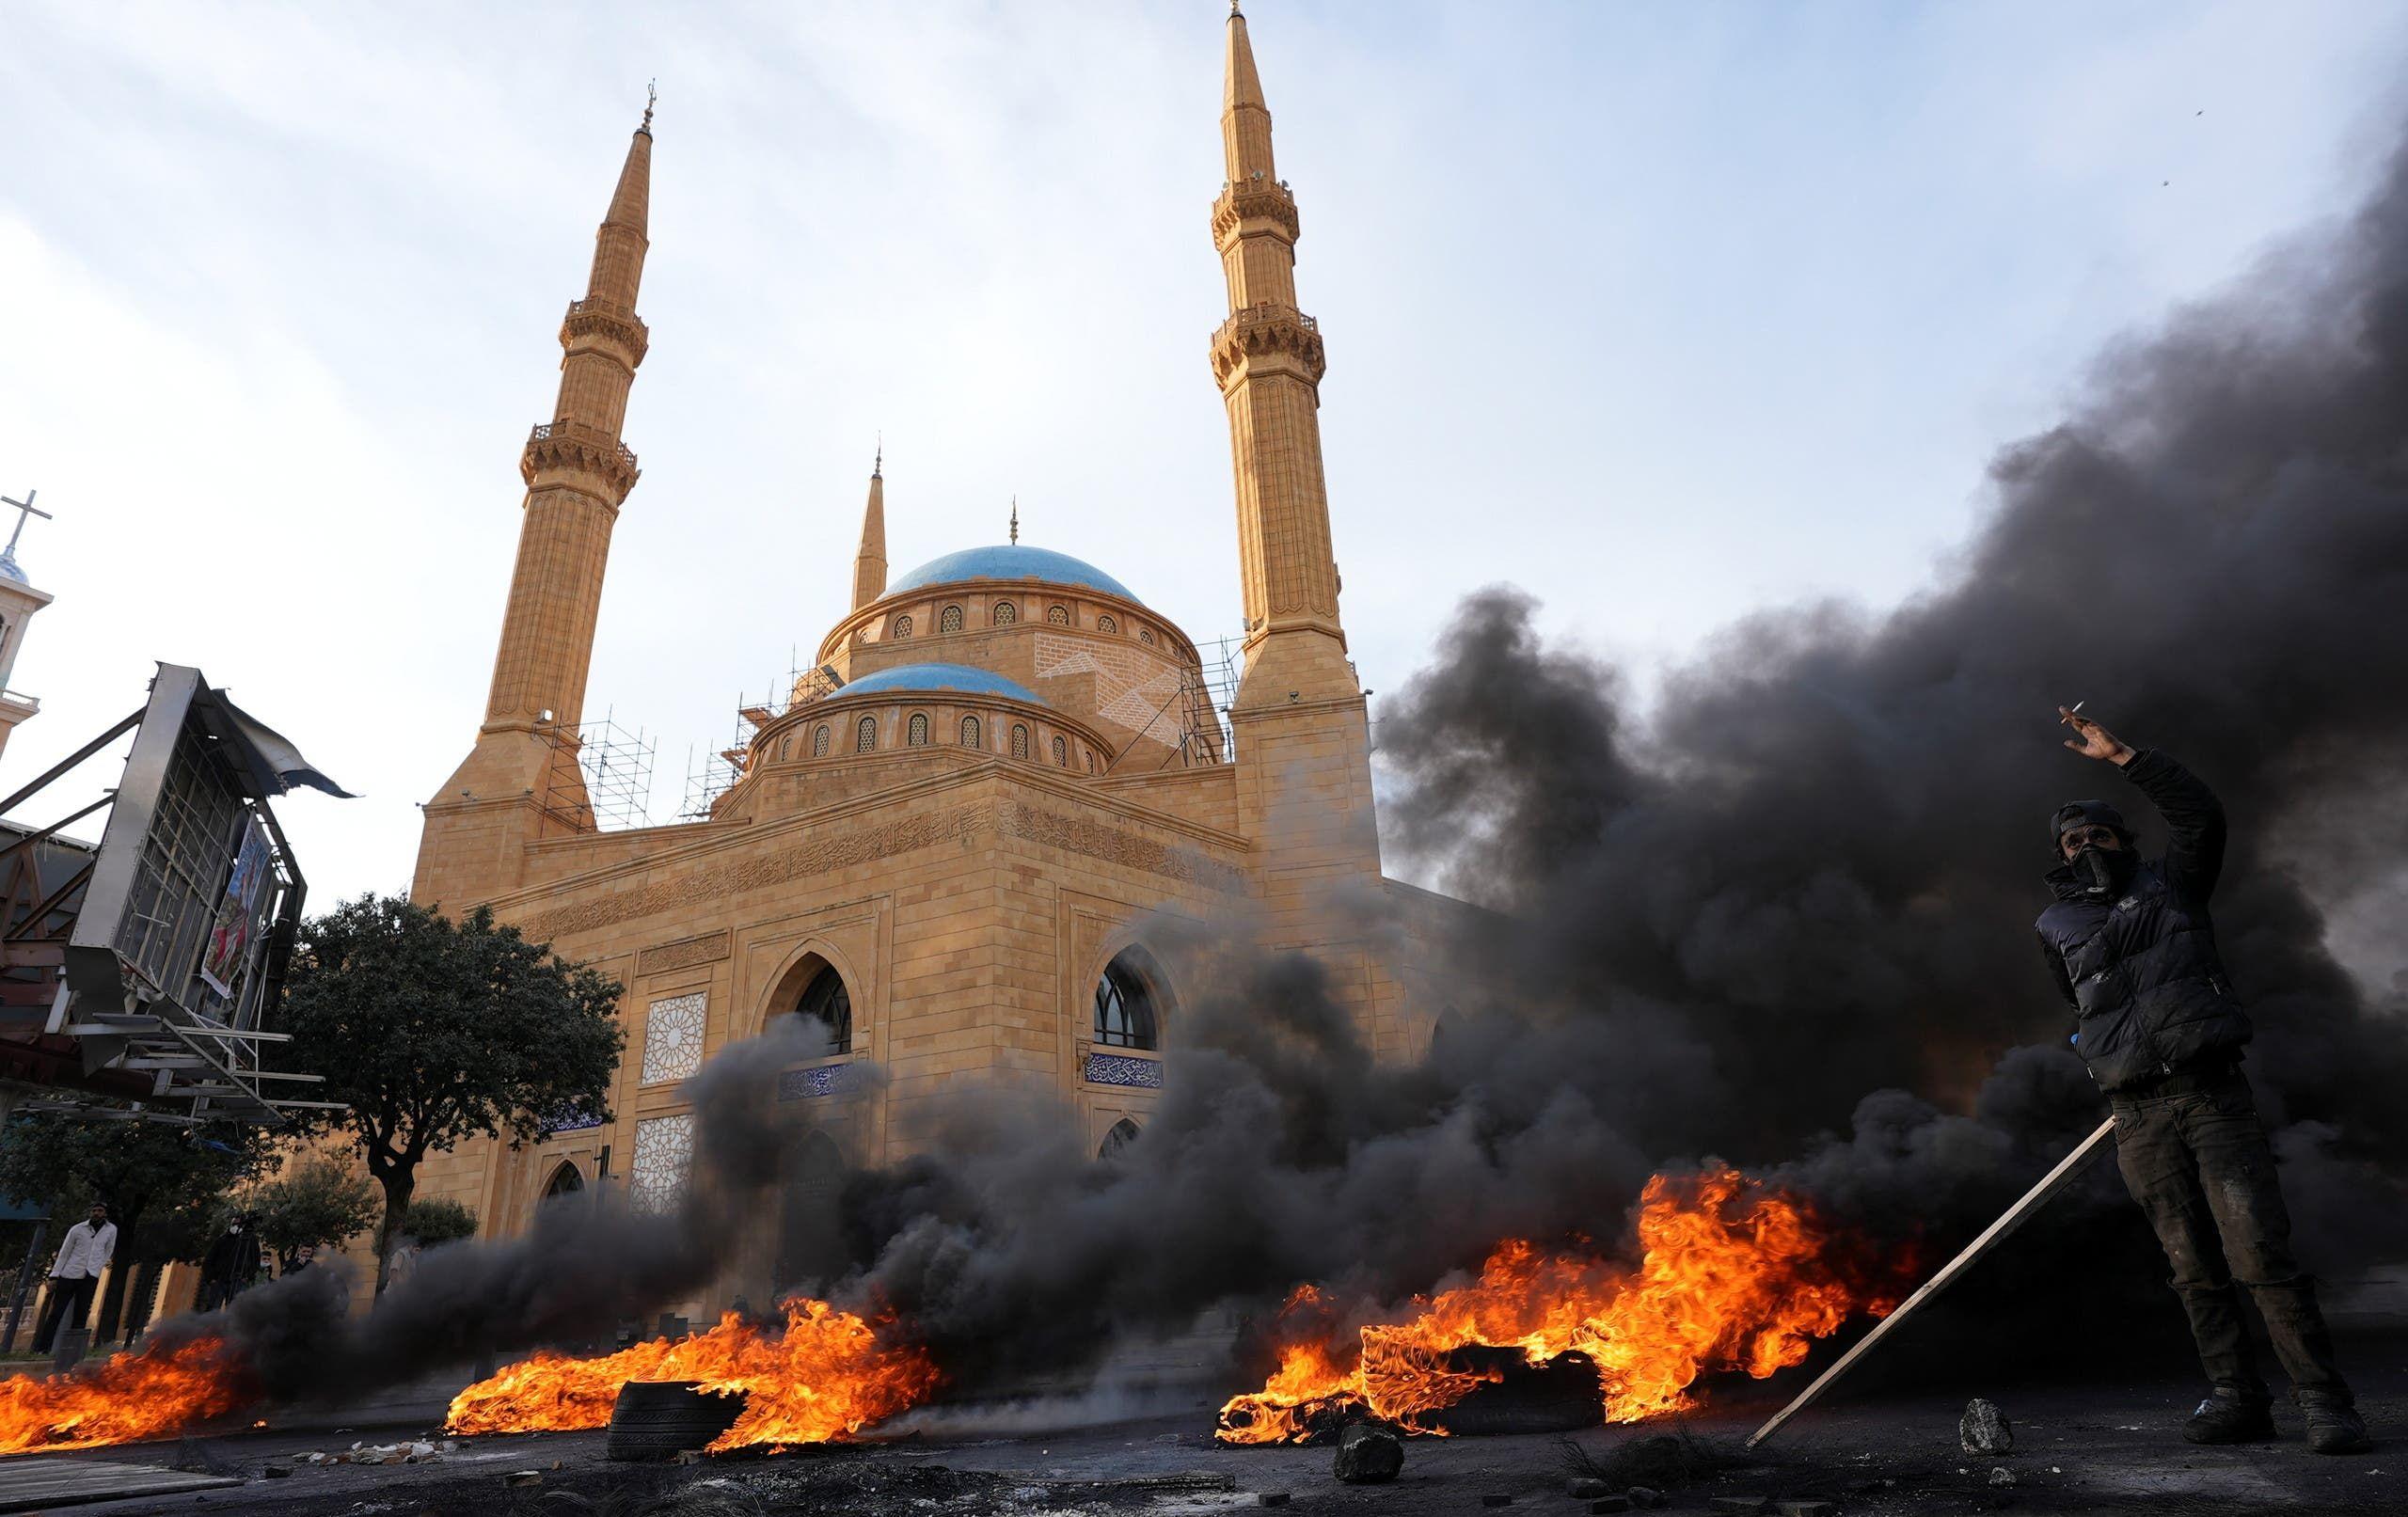 لبنان تظاهرات - 9 مارس رويترز